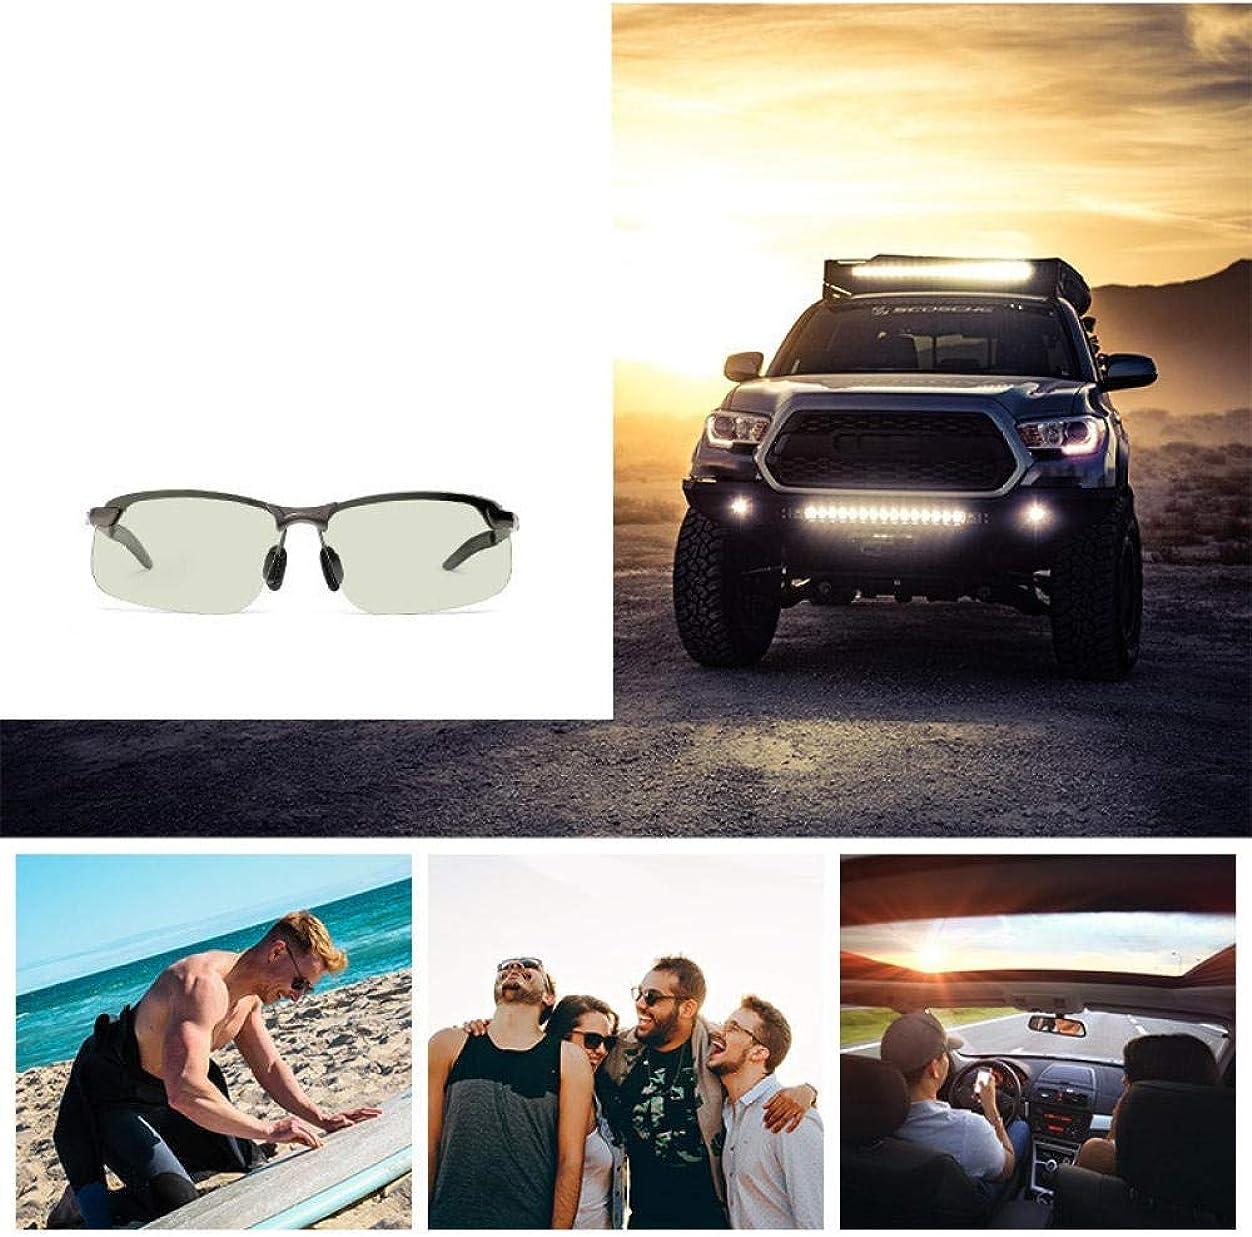 XRYG Gafas de sol deportivas cl/ásicas de moda para hombres Smart Photochromic UV400 Polarizador de visi/ón nocturna Gafas de ciclismo de conducci/ón al aire libre